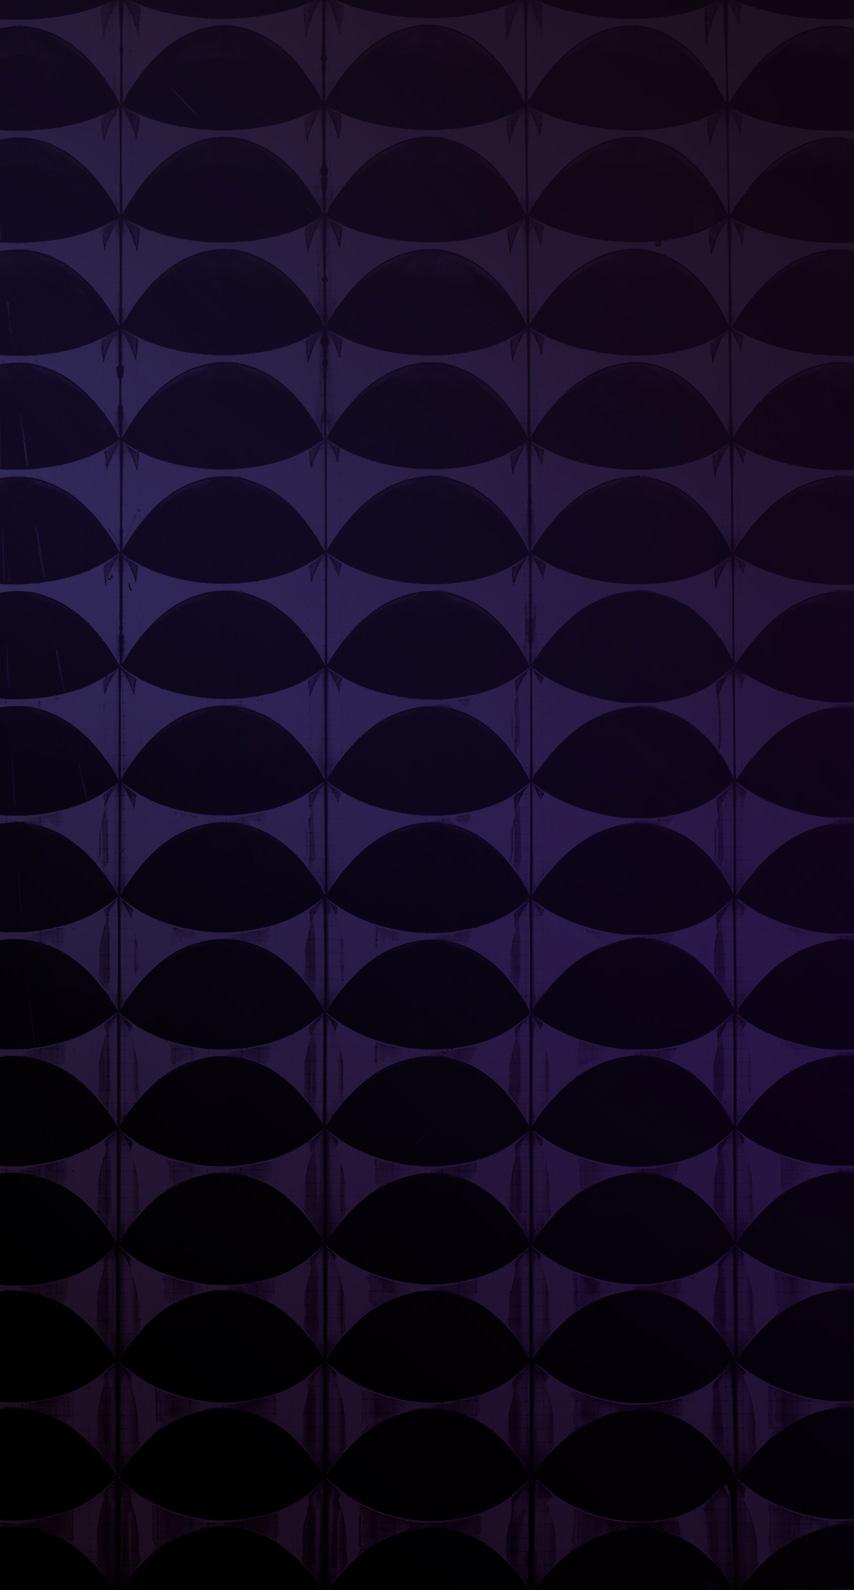 pattern, grid, modern, graphic, design, background